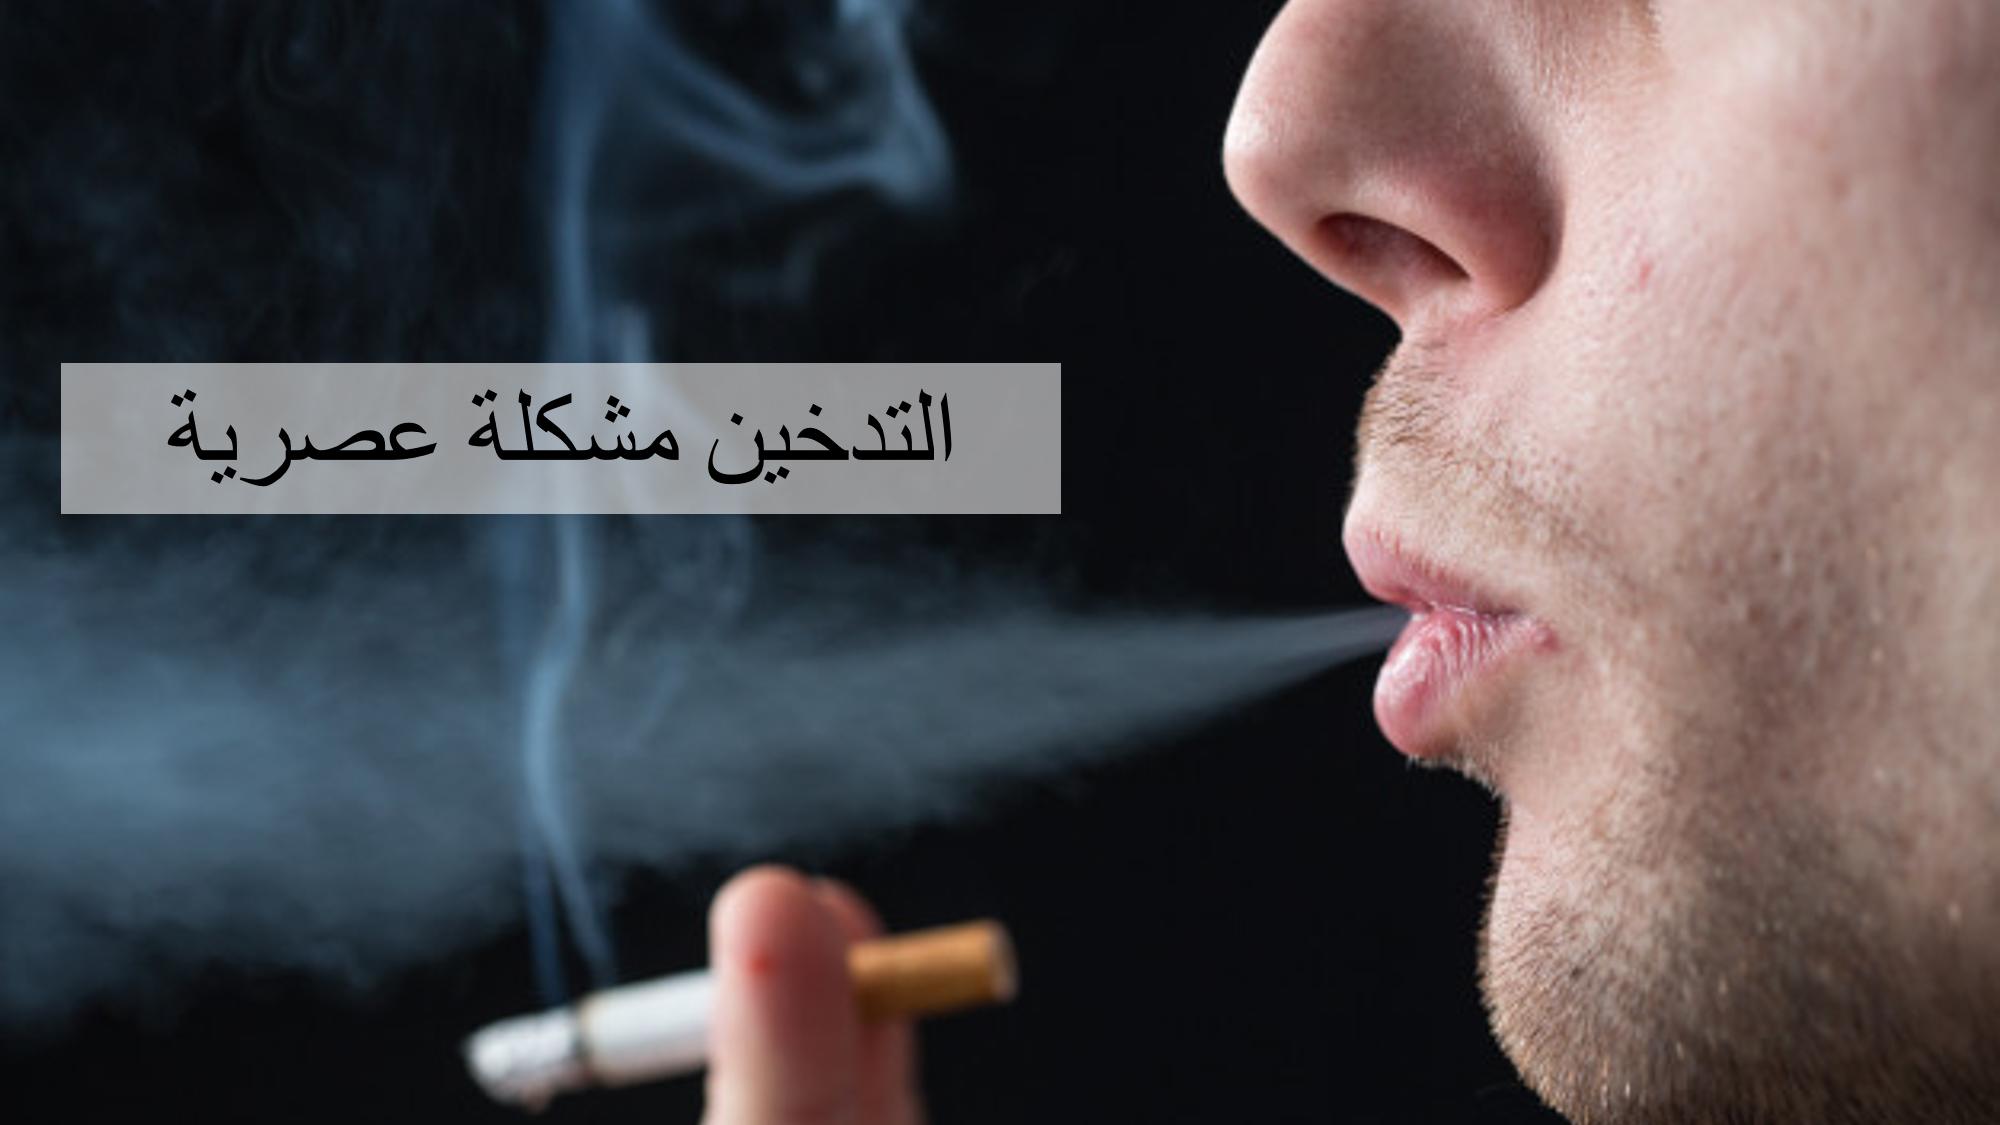 دخان التبغ غير المباشر الذي يستنشقه الشخص في التدخين السلبي